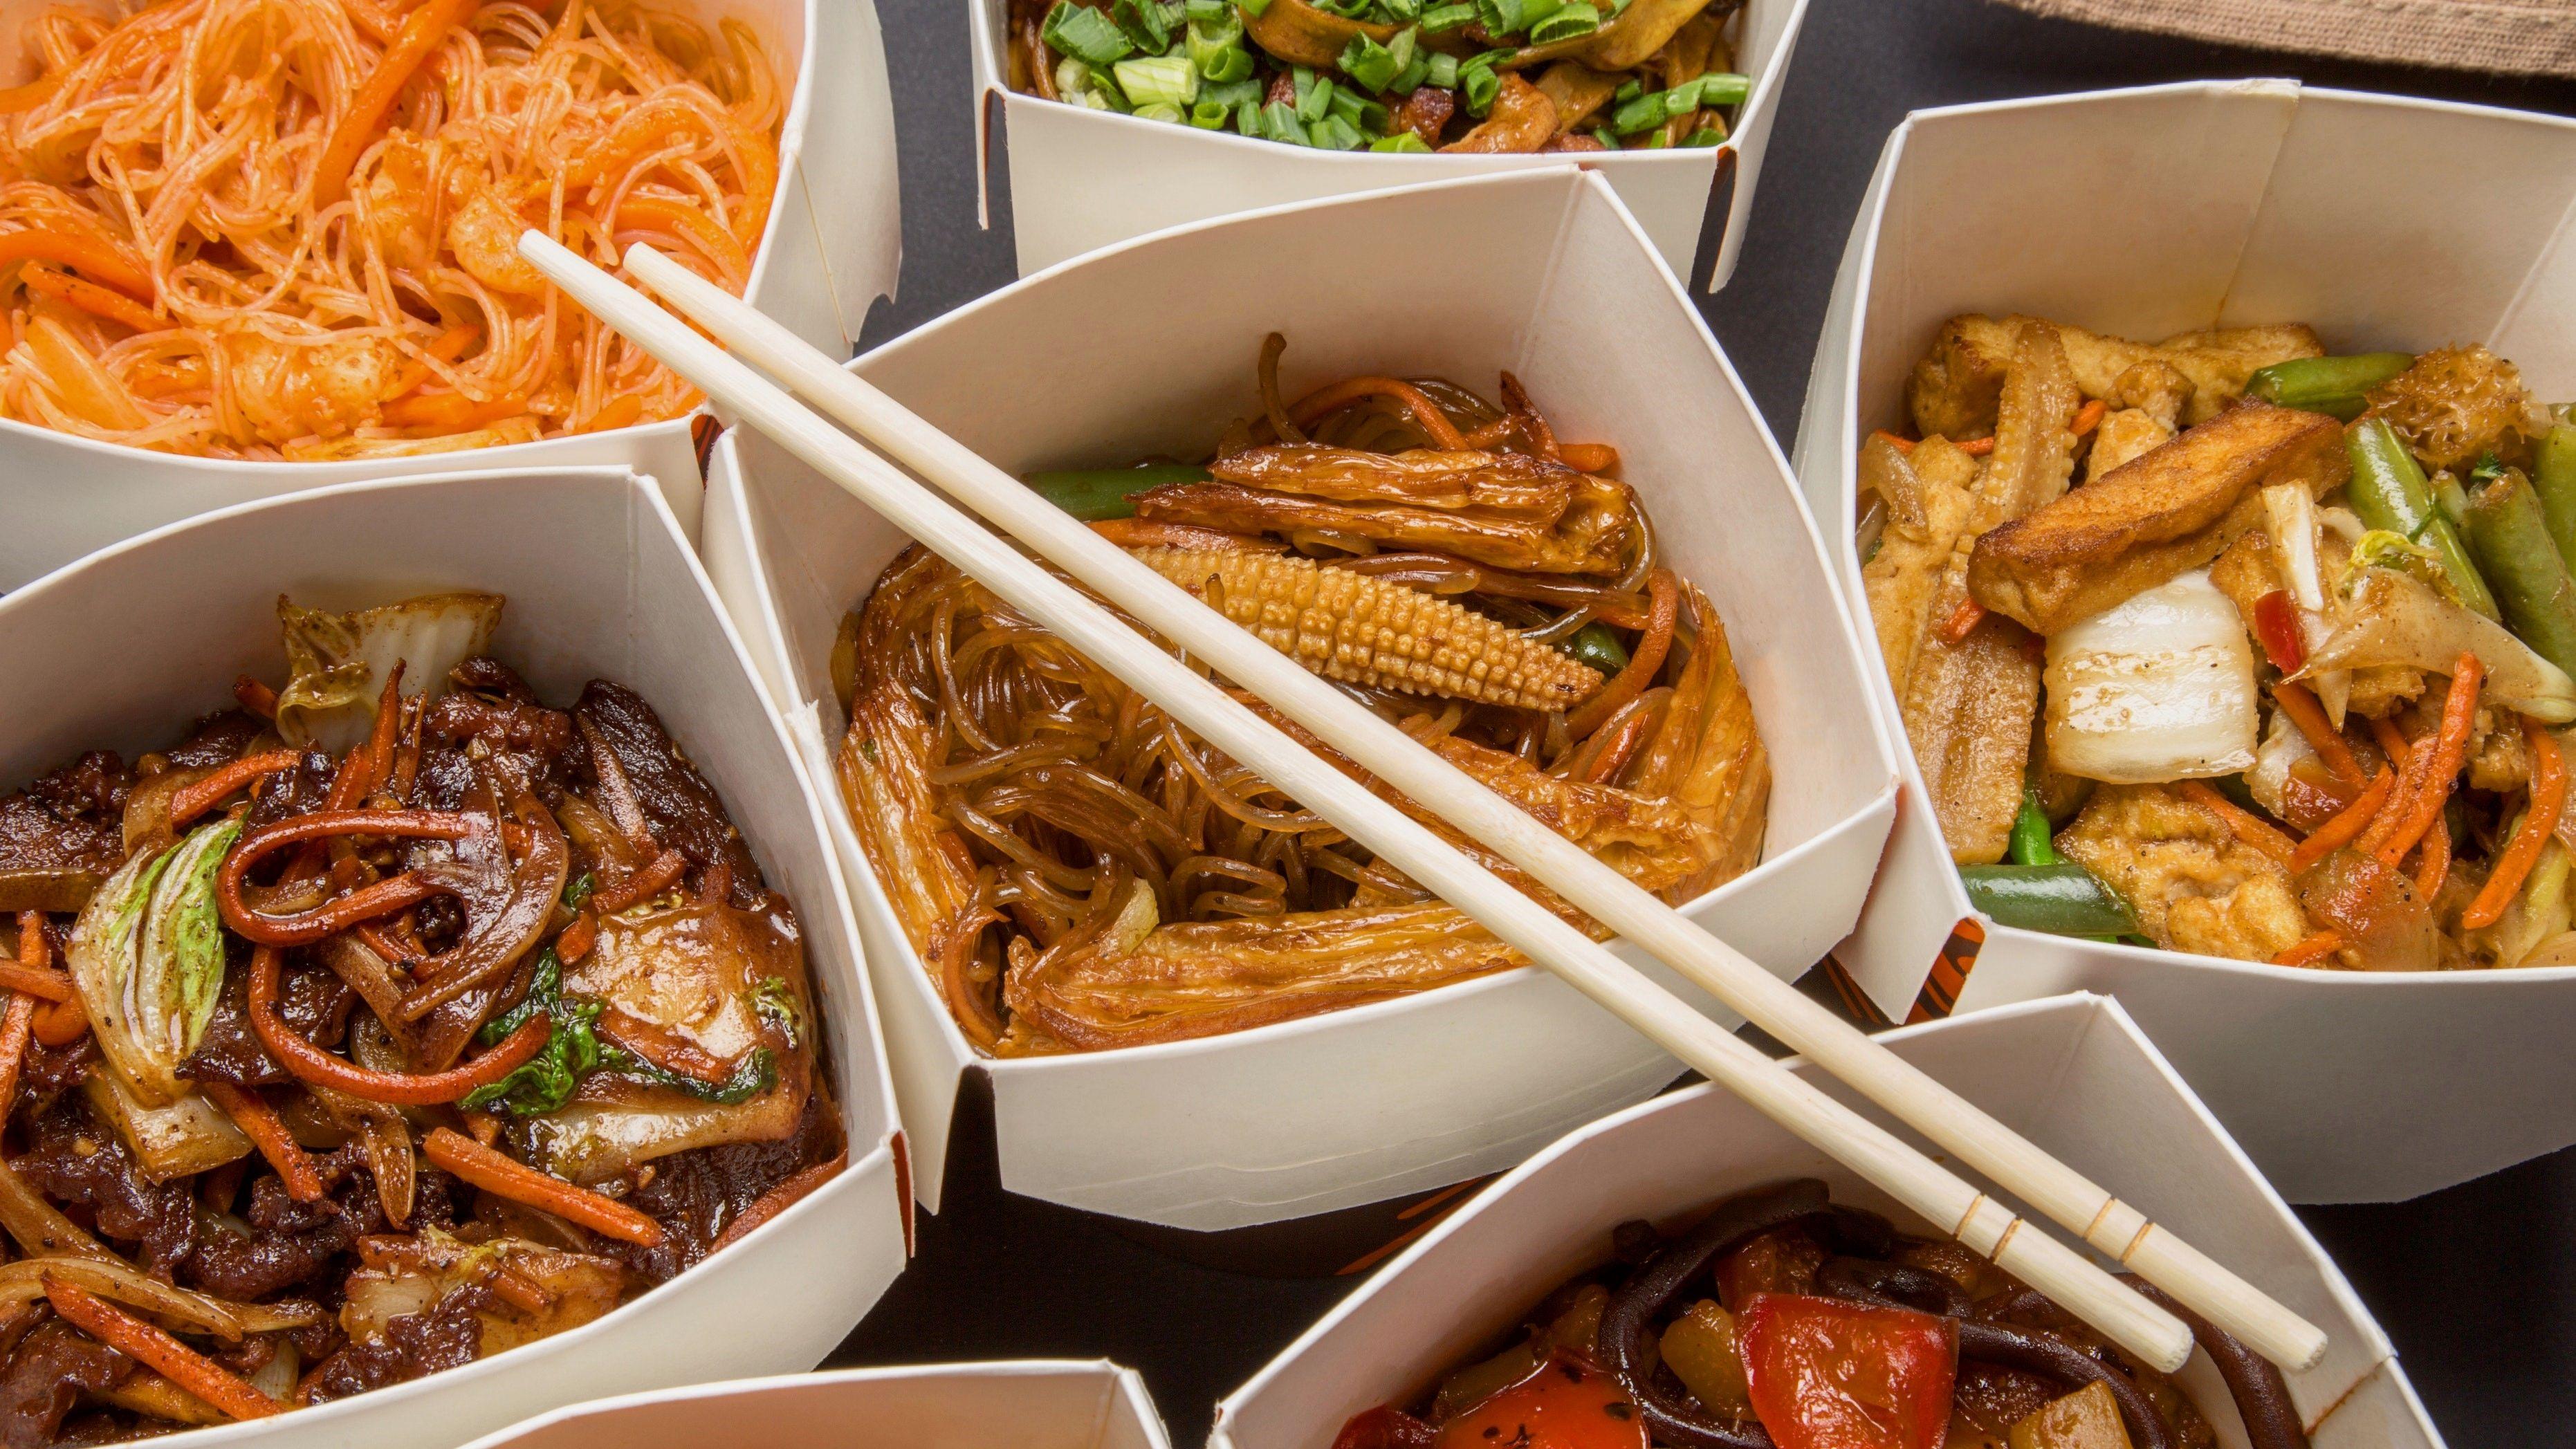 image_20190330_093915_Taiwanese Food_79 อาหาร food